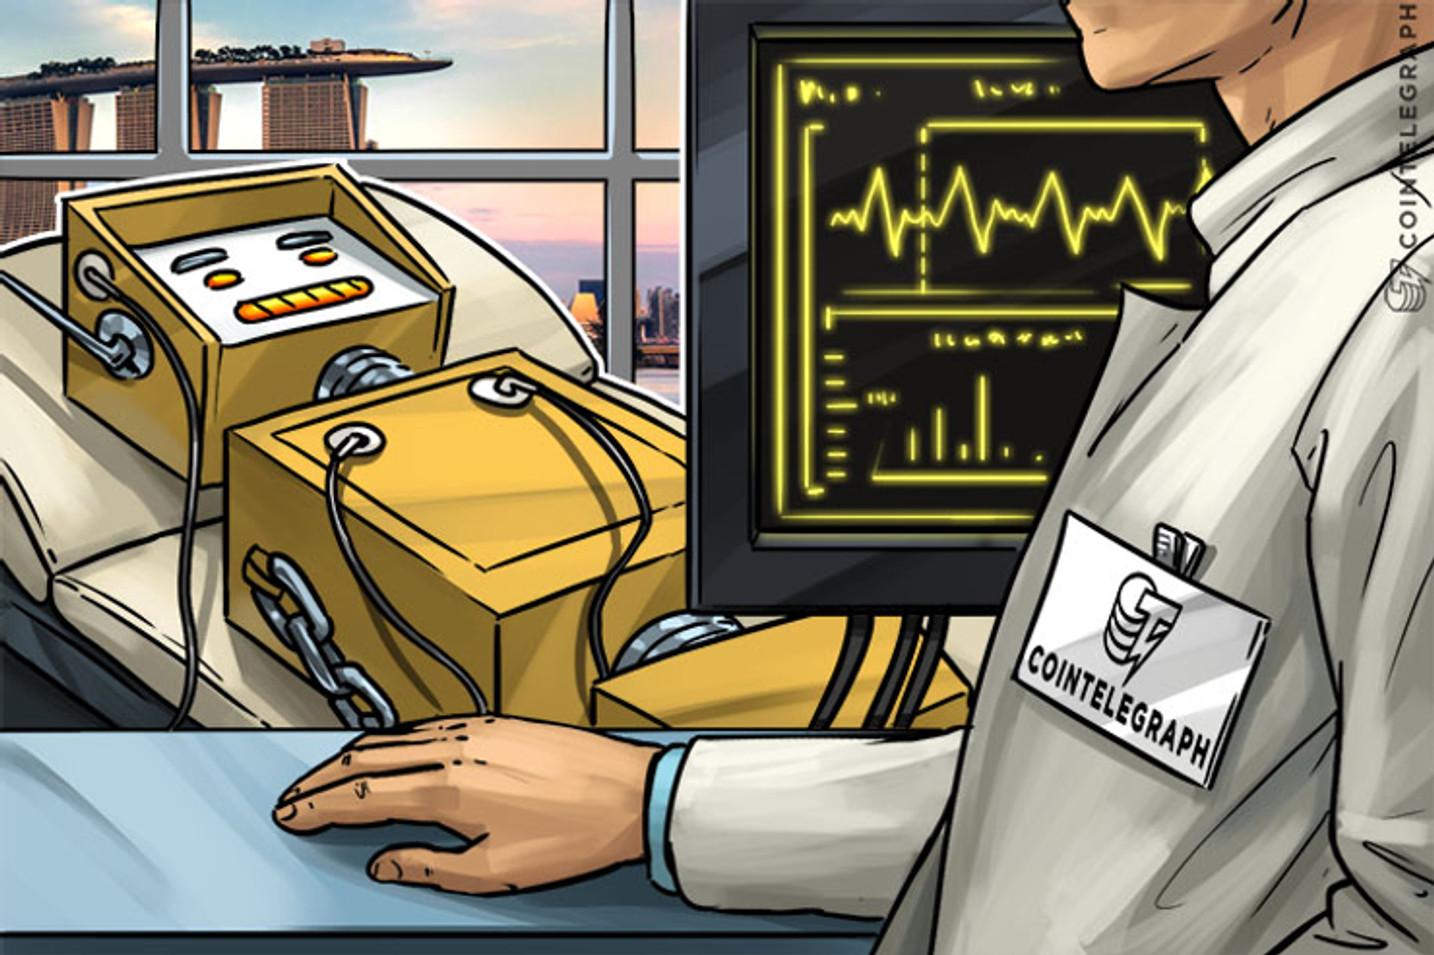 Projeto Fênix: Atlas Quantum anuncia mudança de endereço e detalhes de robô de trader que 'nunca perdeu'